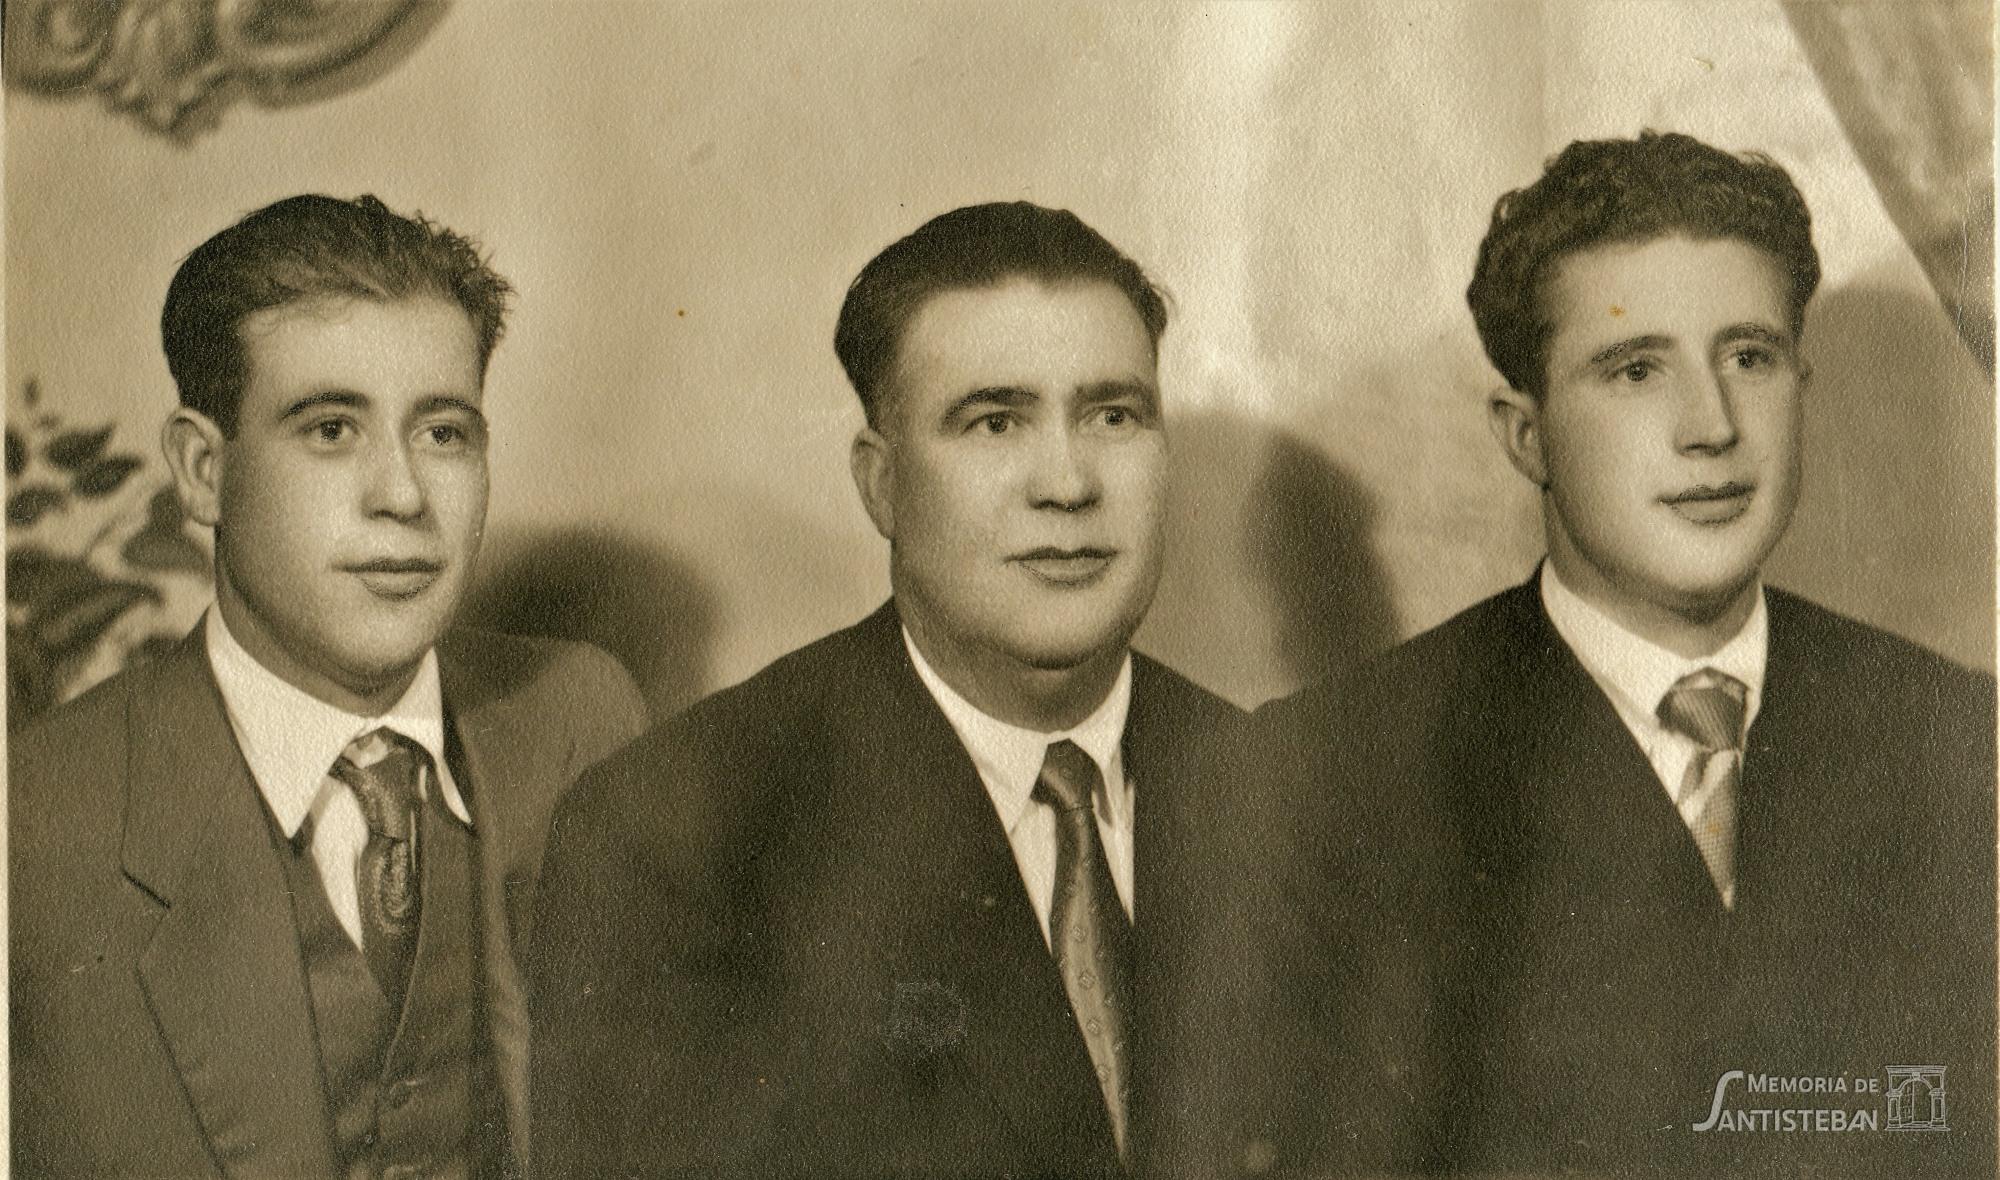 En el centro, mi bisabuelo Manuel Sánchez Lázaro flanqueado por sus hijos. Antonio, a la izquierda, y Juan, a la derecha.